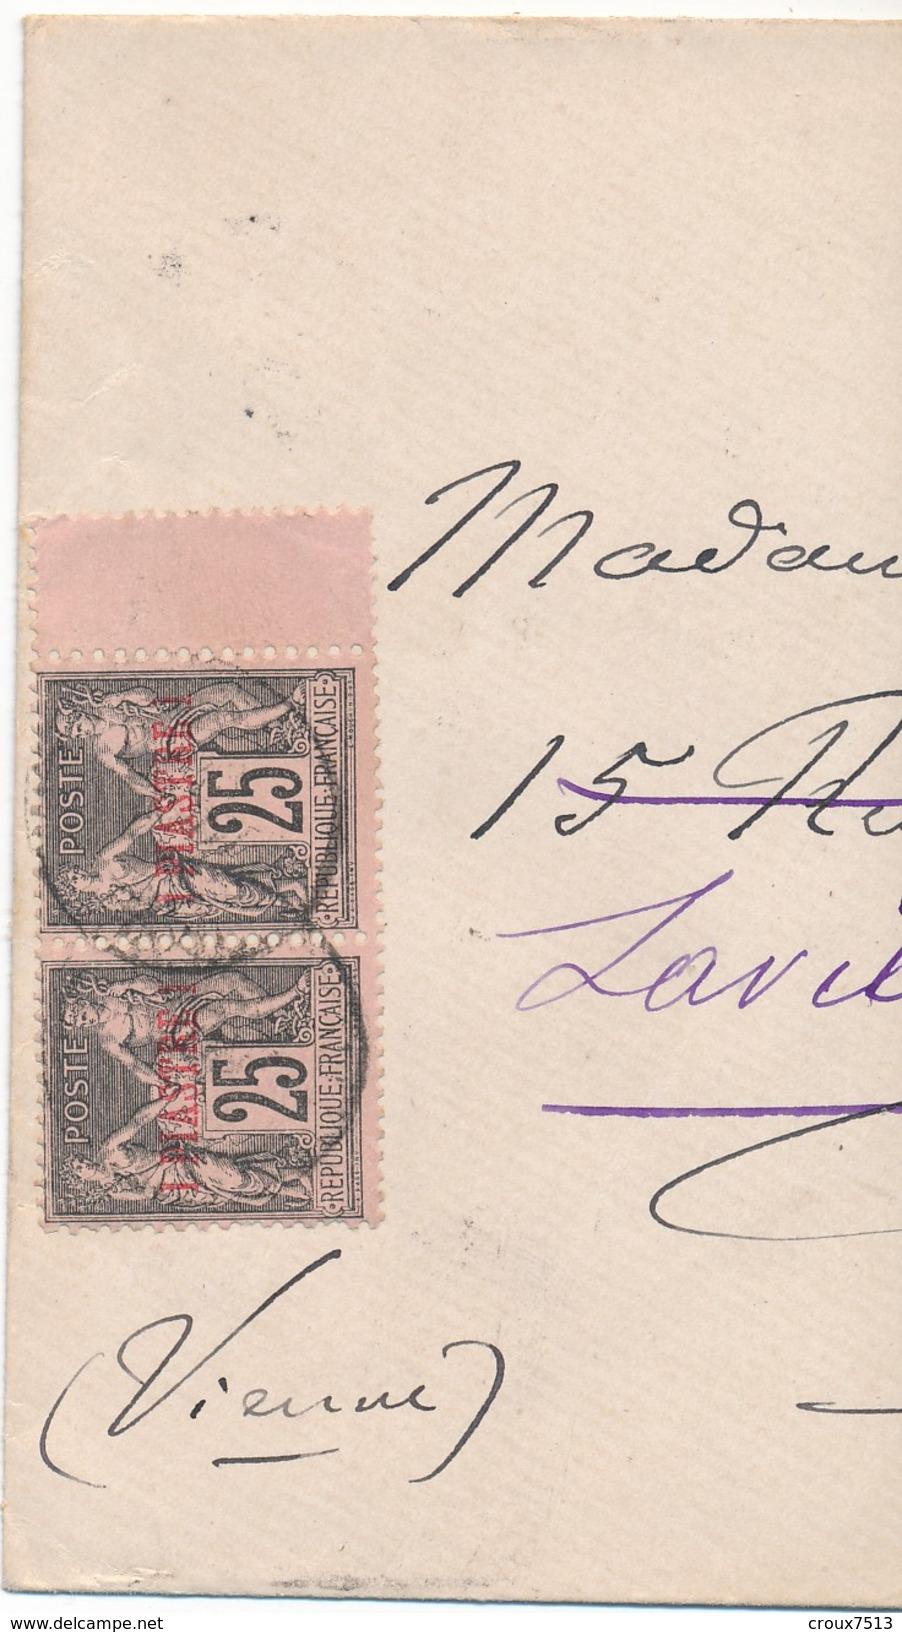 1887 Constantinople-Stambul à Poitiers Affr Sage Surchargé 1 Piastre X 2 TB. - Levant (1885-1946)